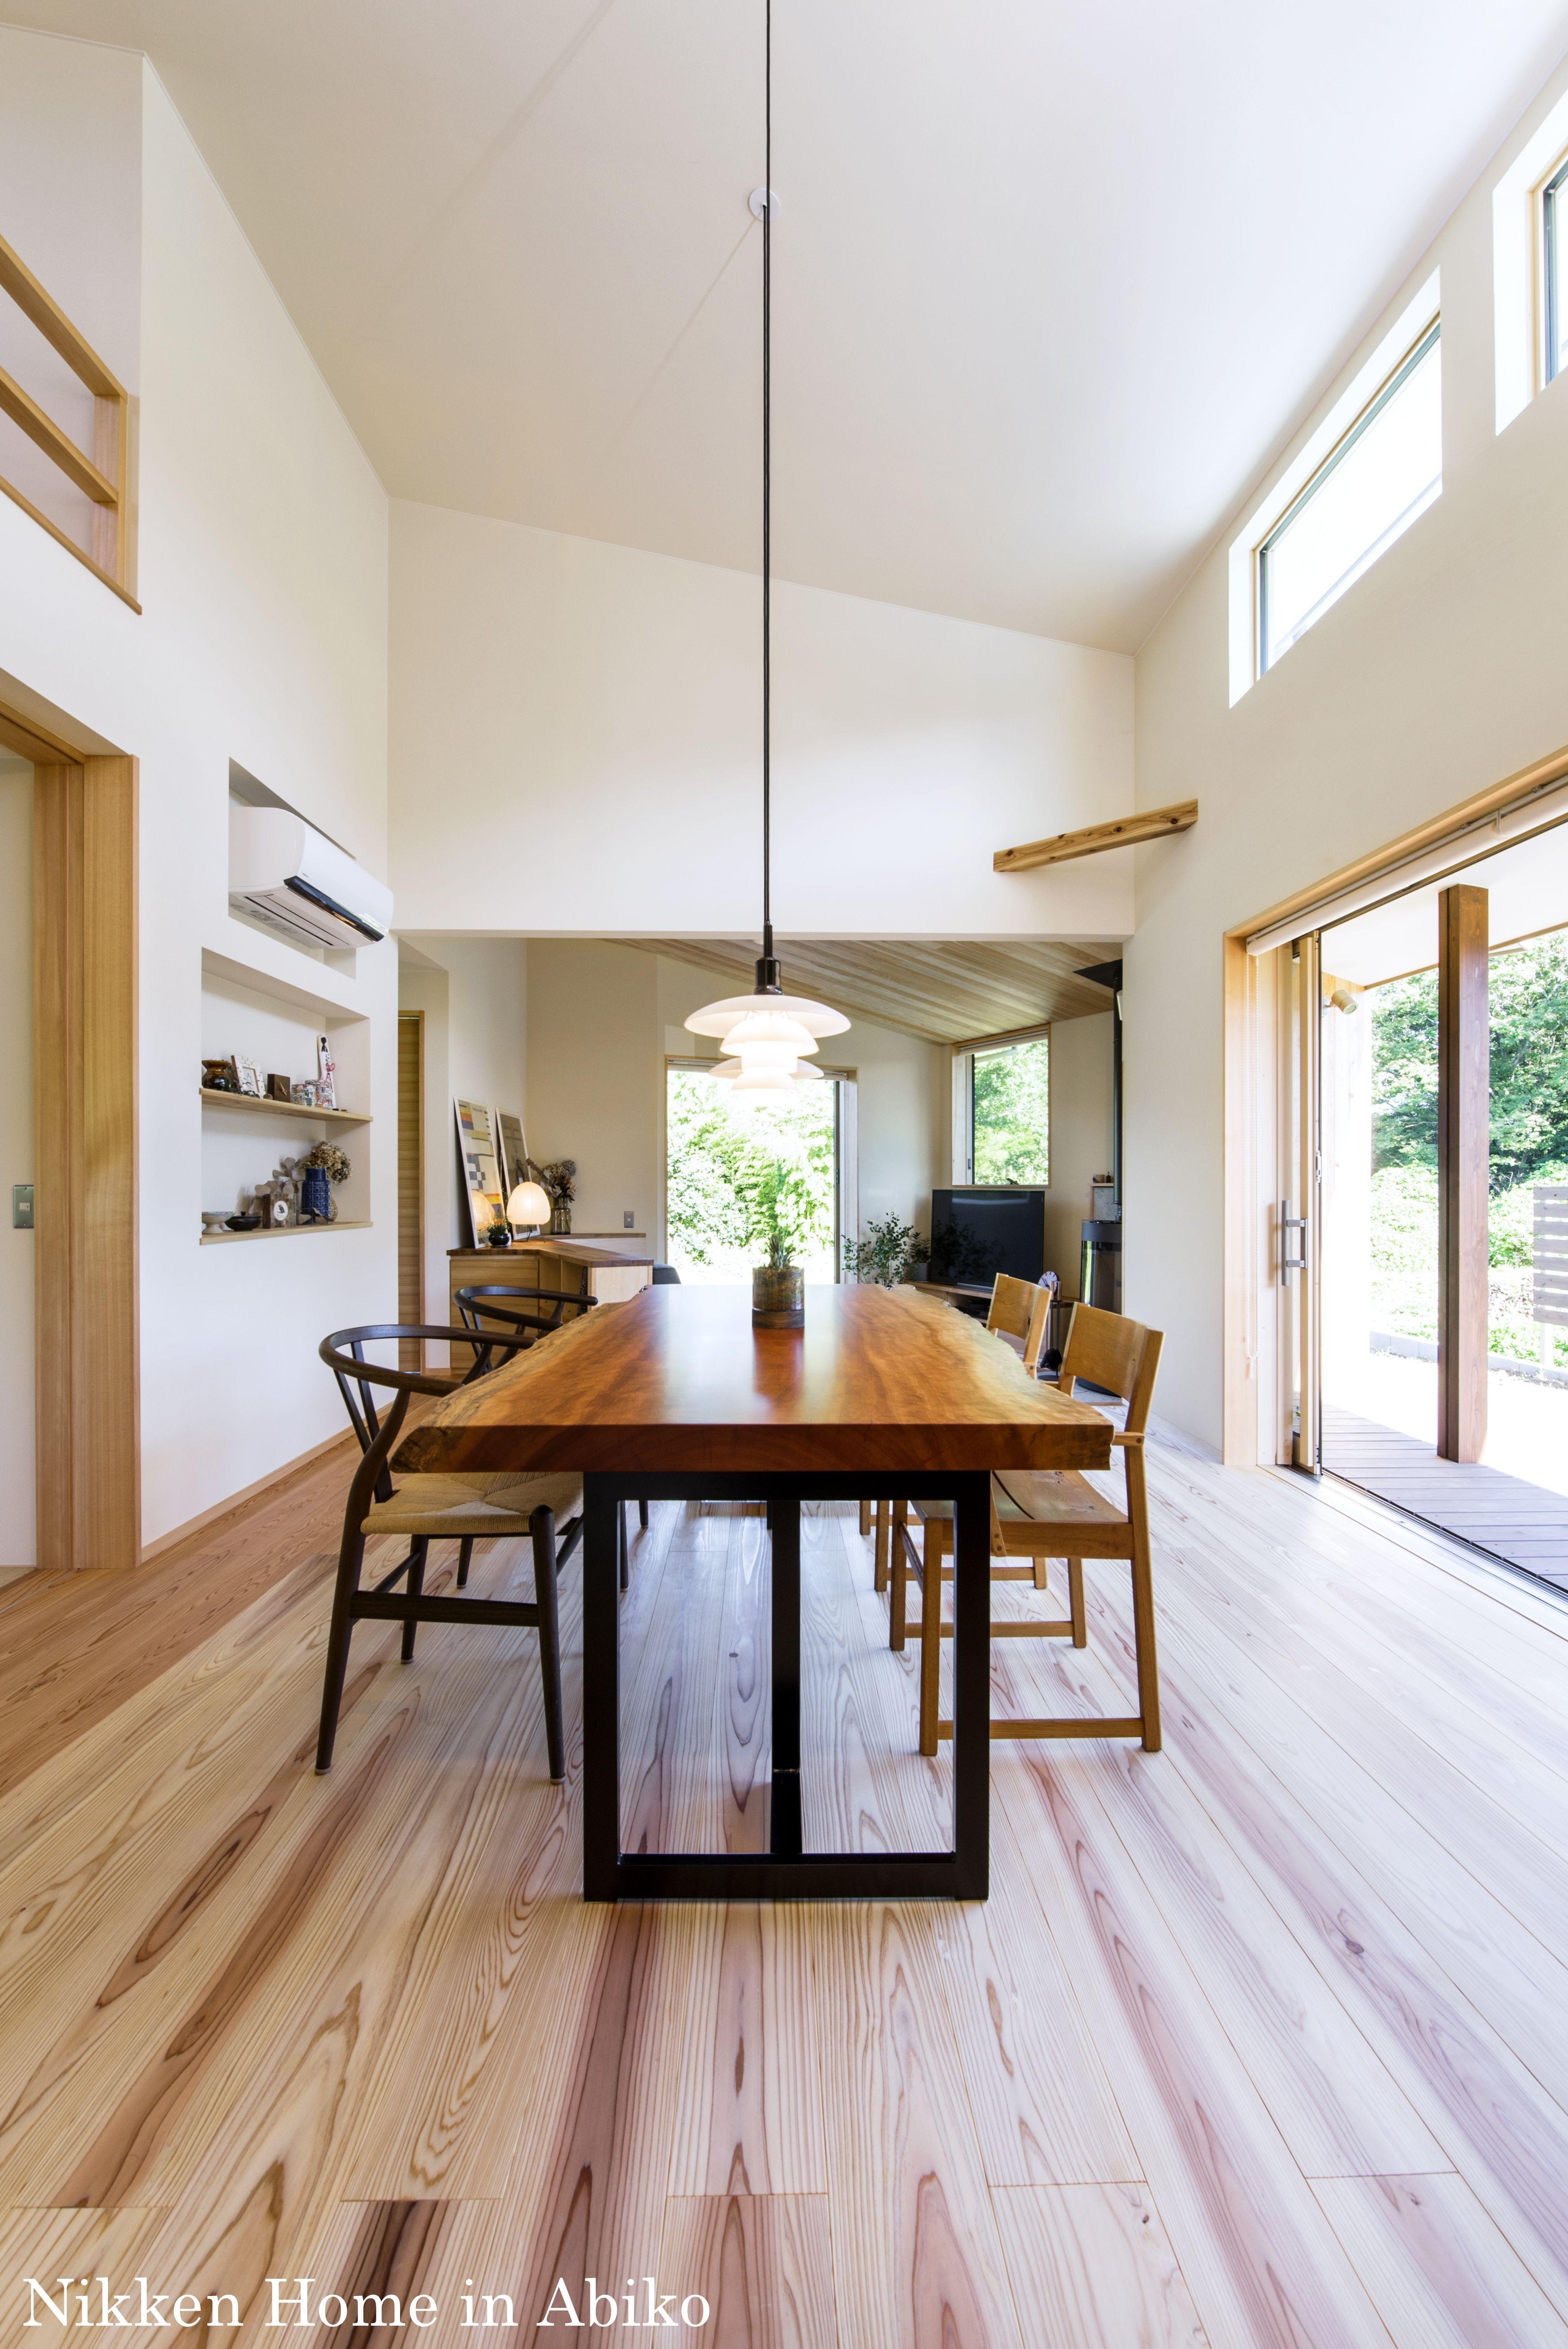 勾配天井と大きな窓で開放感あふれる平屋のダイニング 心地よい幸せな